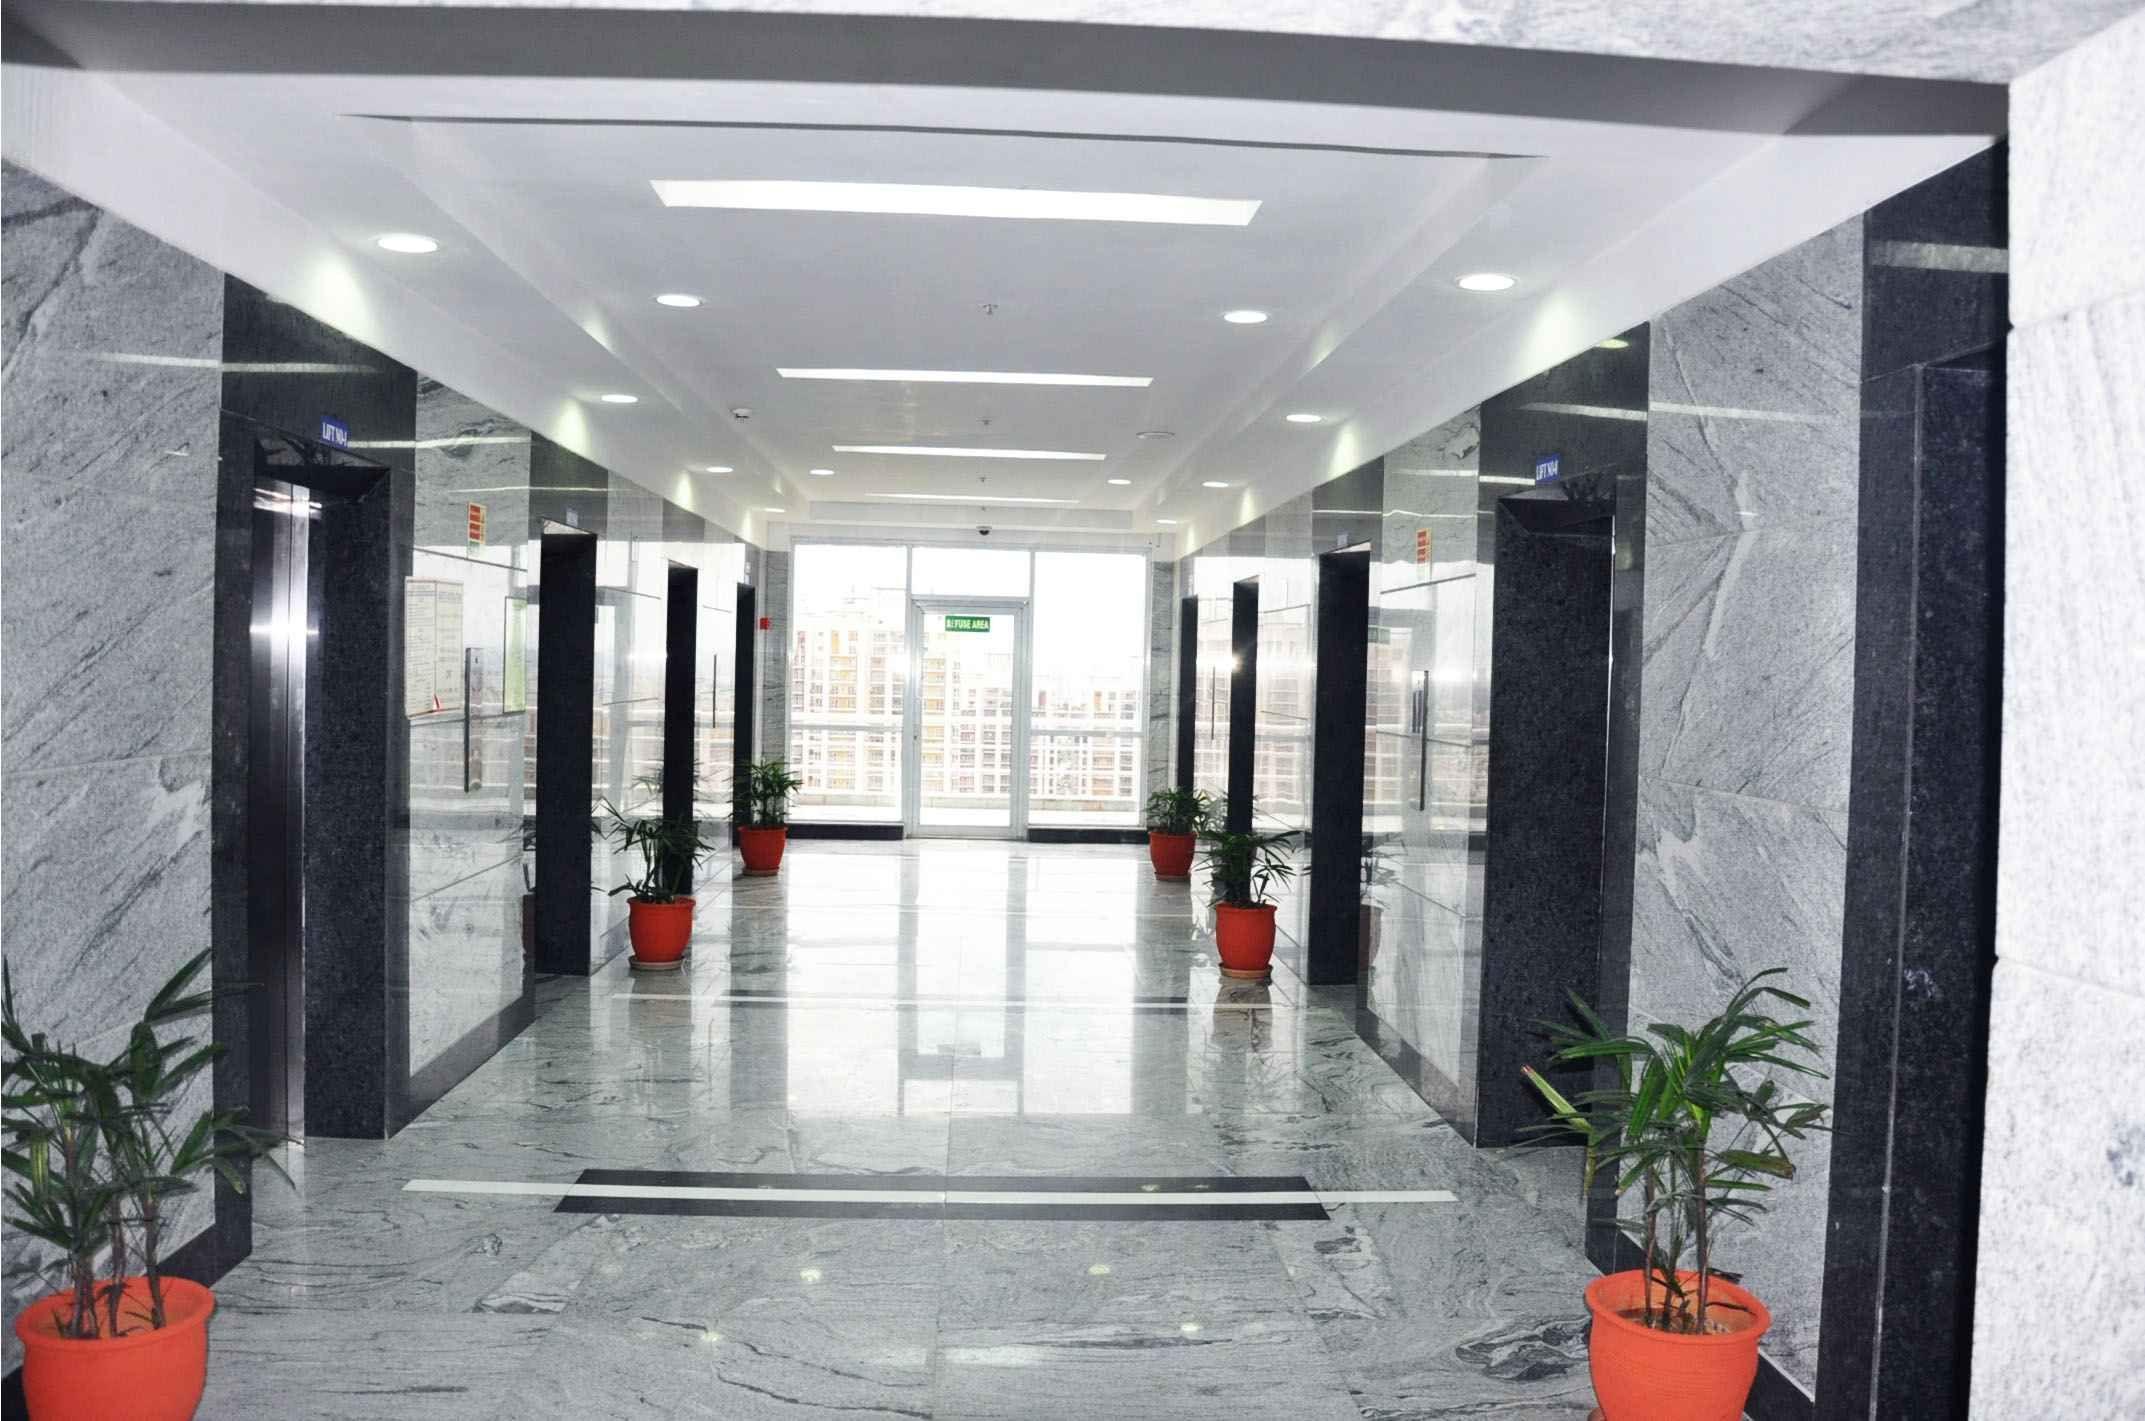 10 Pics Review Granite Floor Design Ideas And Description In 2020 Floor Design Floor Pattern Design Corridor Design